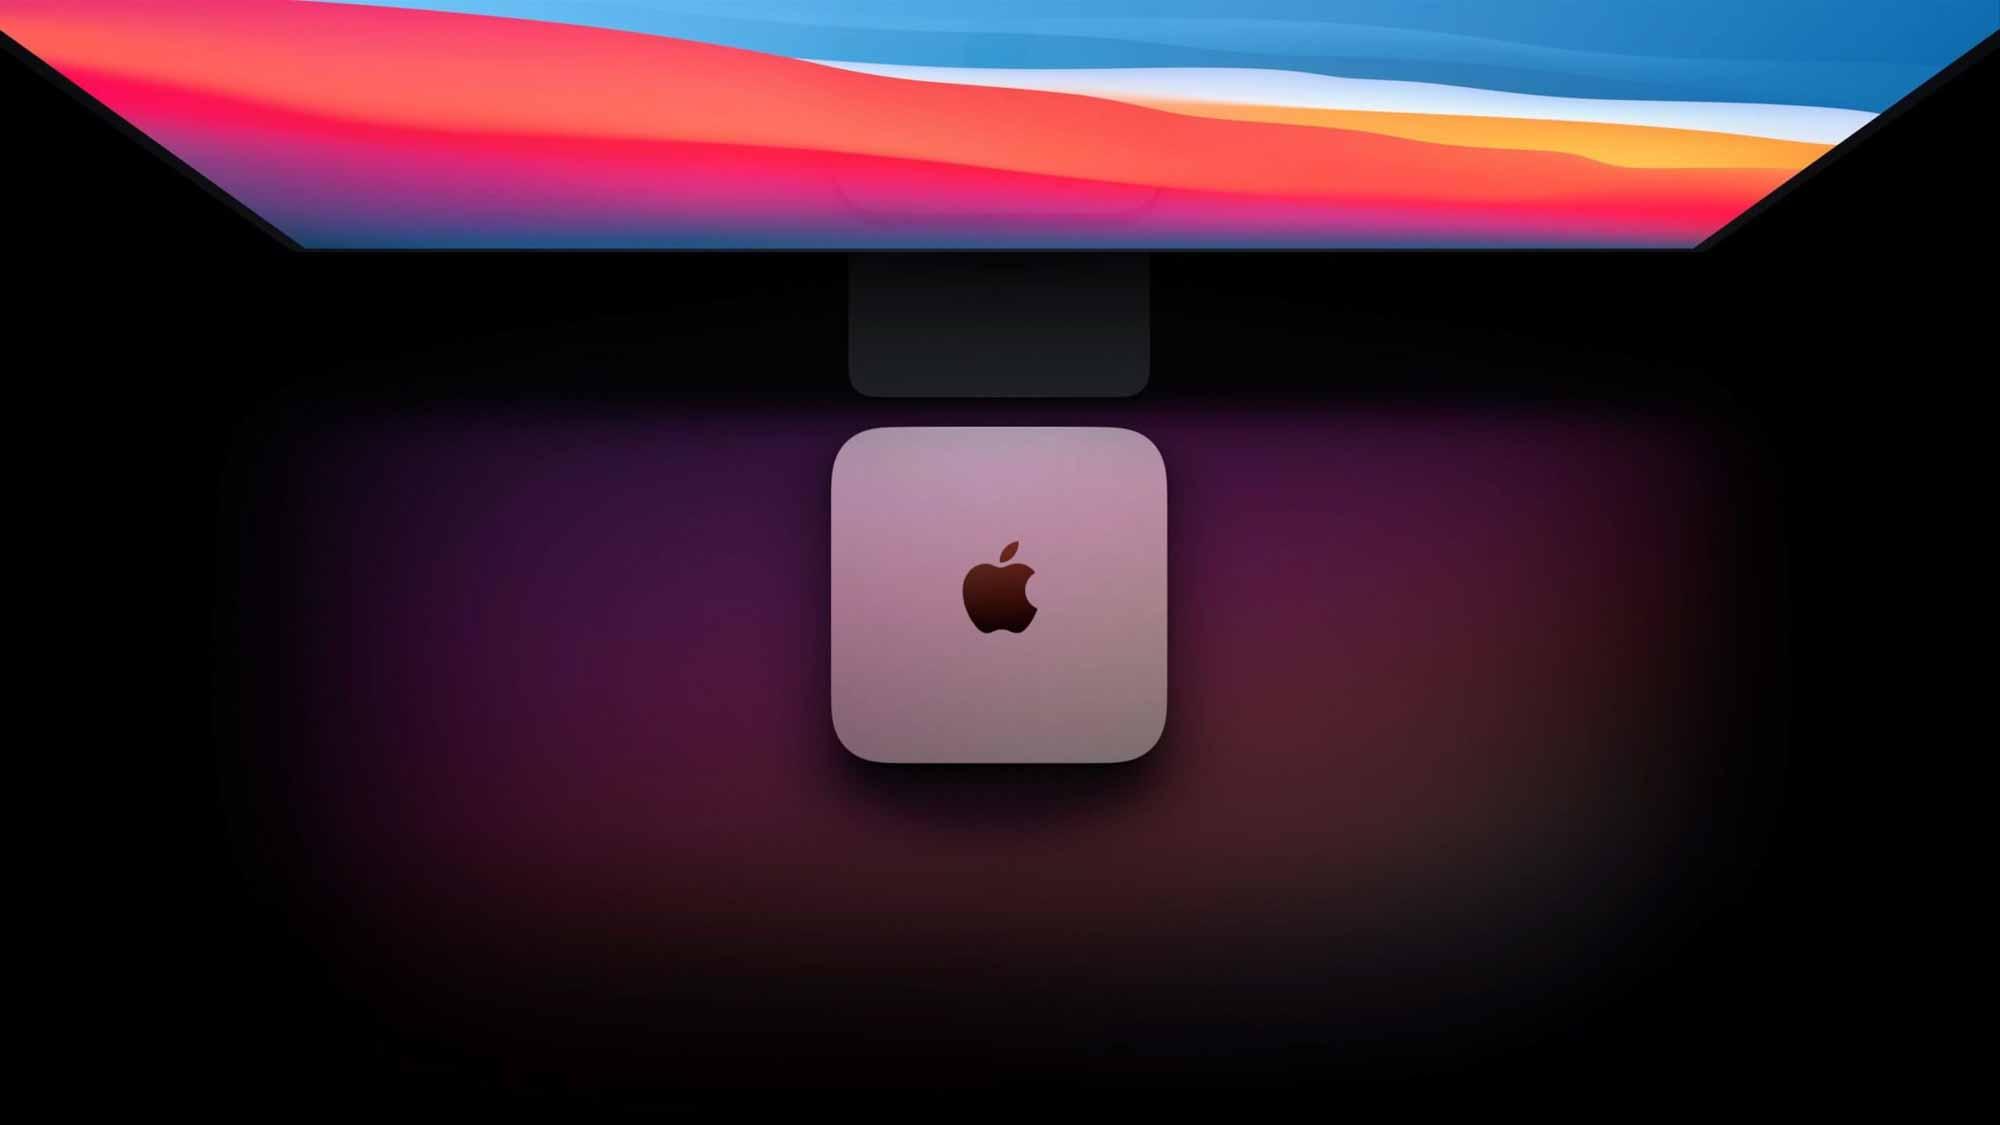 Пользователи жалуются на проблемы с подключением по Bluetooth в новом Mac mini M1